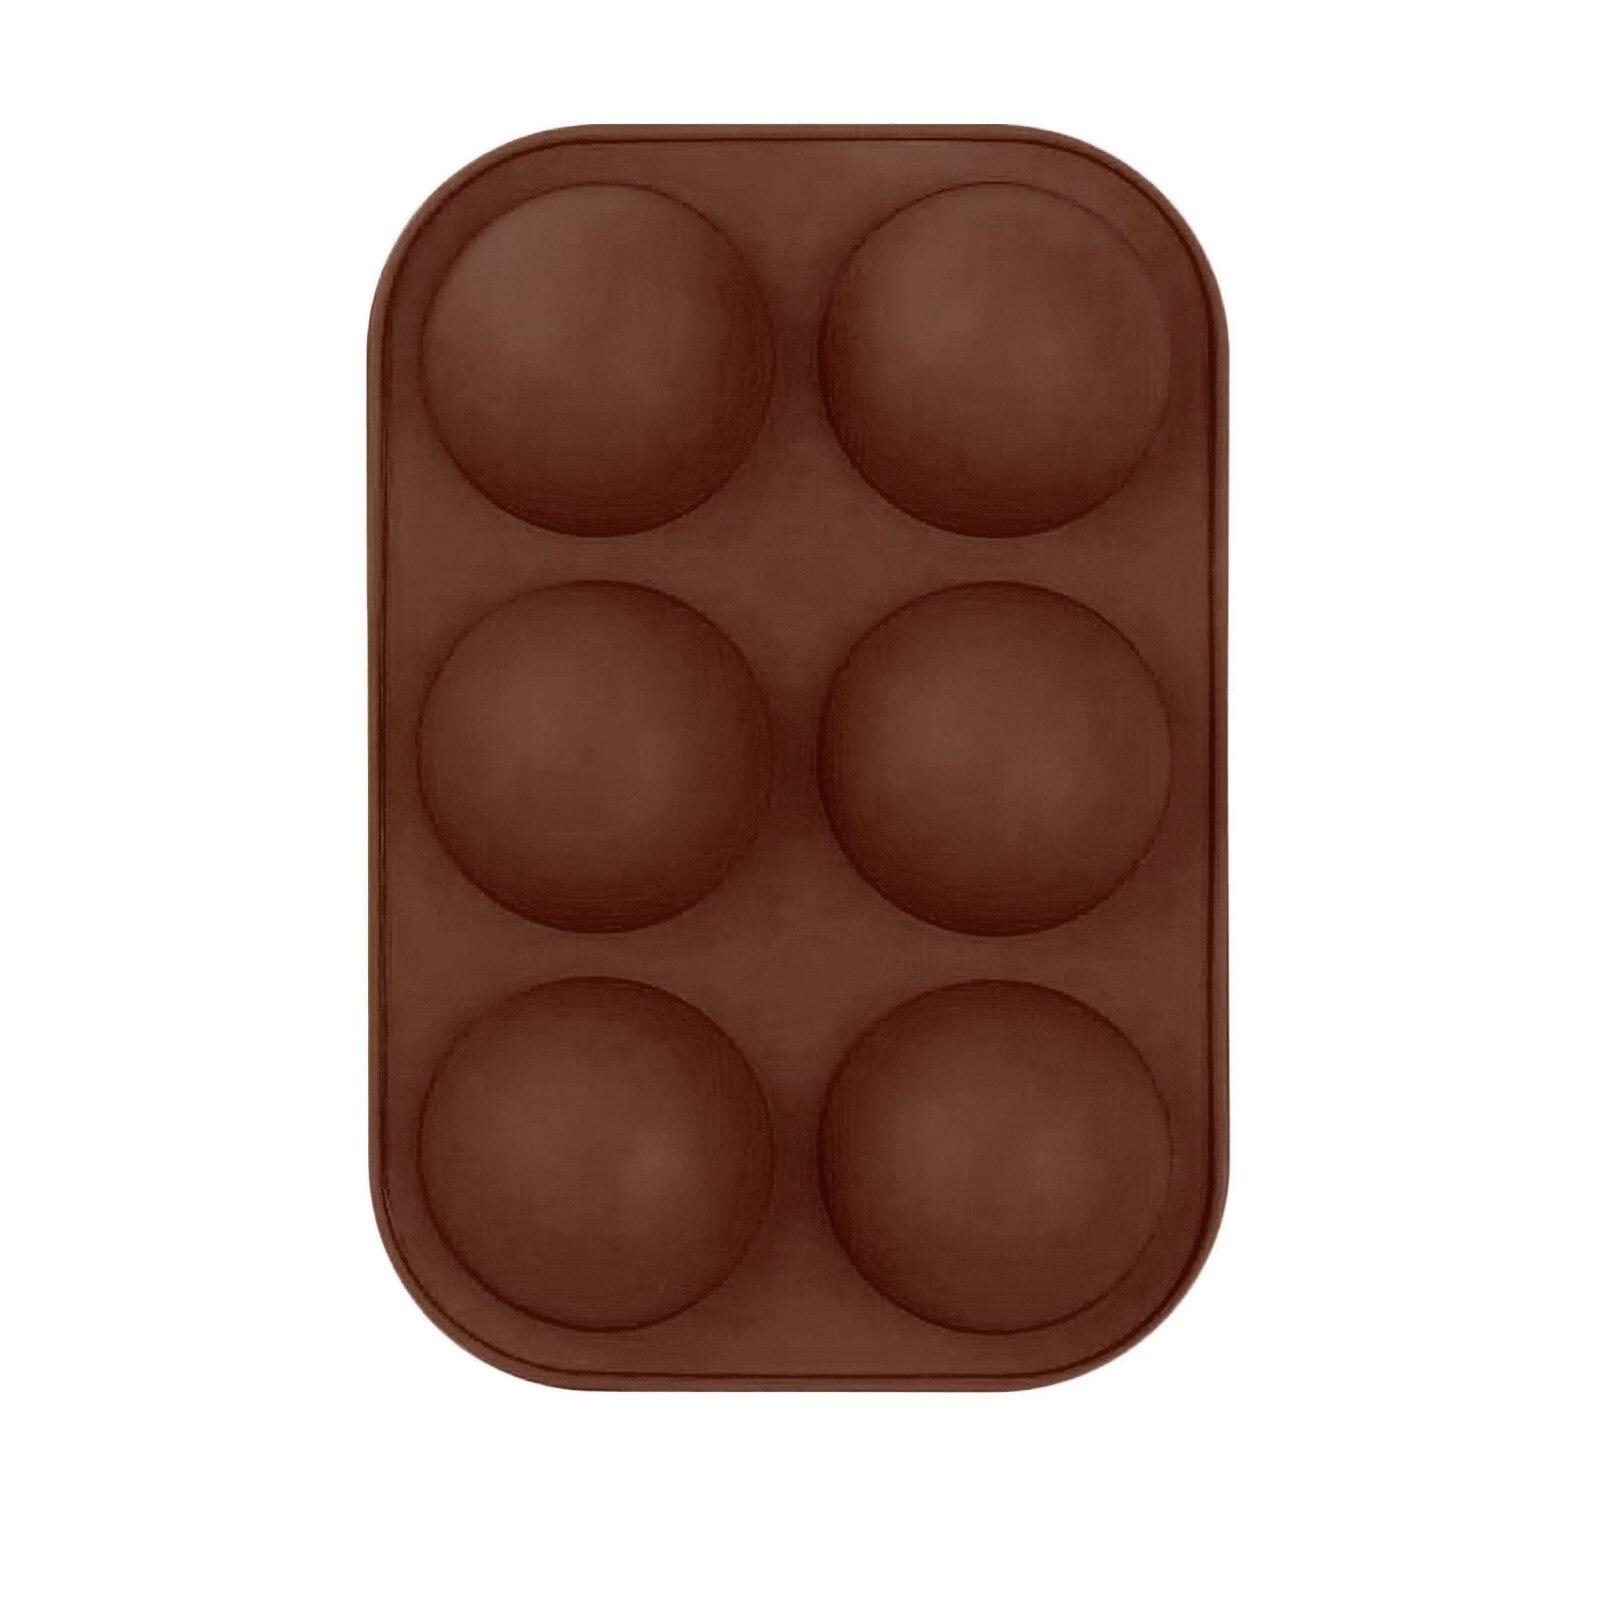 Средняя полусферическая силиконовая форма, форма для выпечки для изготовления шоколада, торта, желе, купола M ^ пресс-форма для кастрюль инструменты для украшения кухни